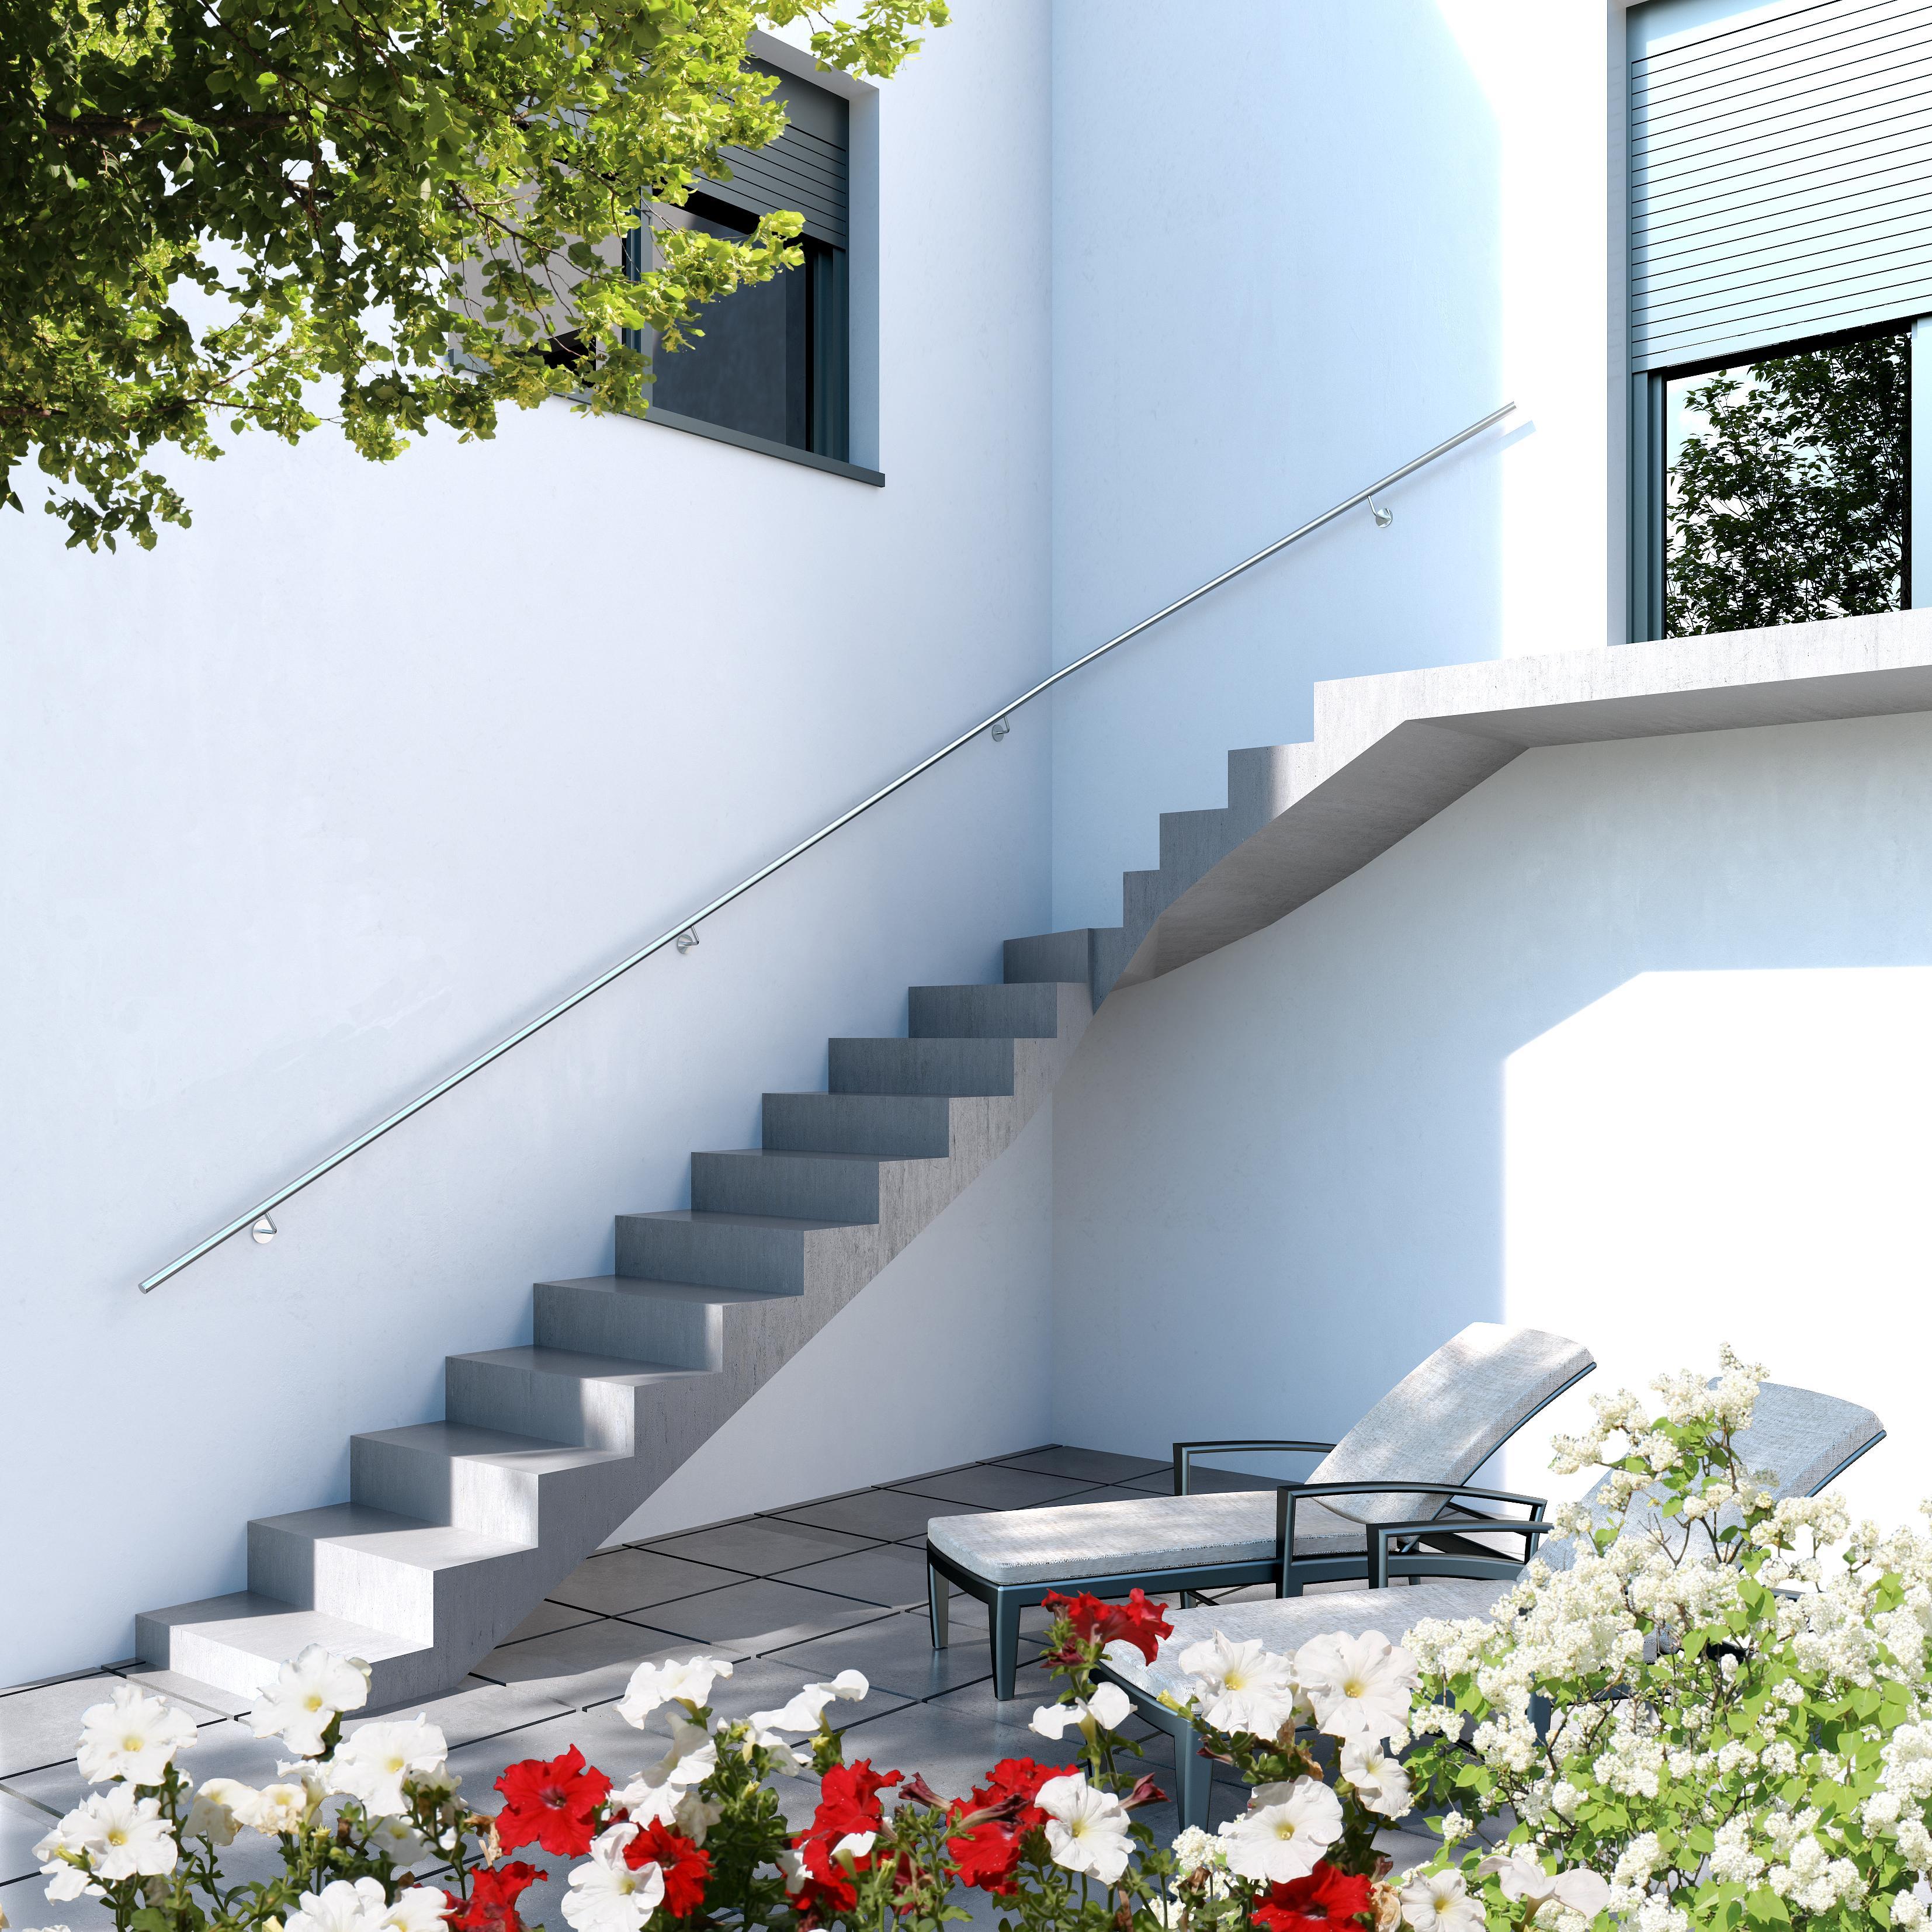 edelstahl handlauf v2a 42 4mm 240k geschliffen wandhandlauf geteilt mit gerader endkappe 3800 mm. Black Bedroom Furniture Sets. Home Design Ideas